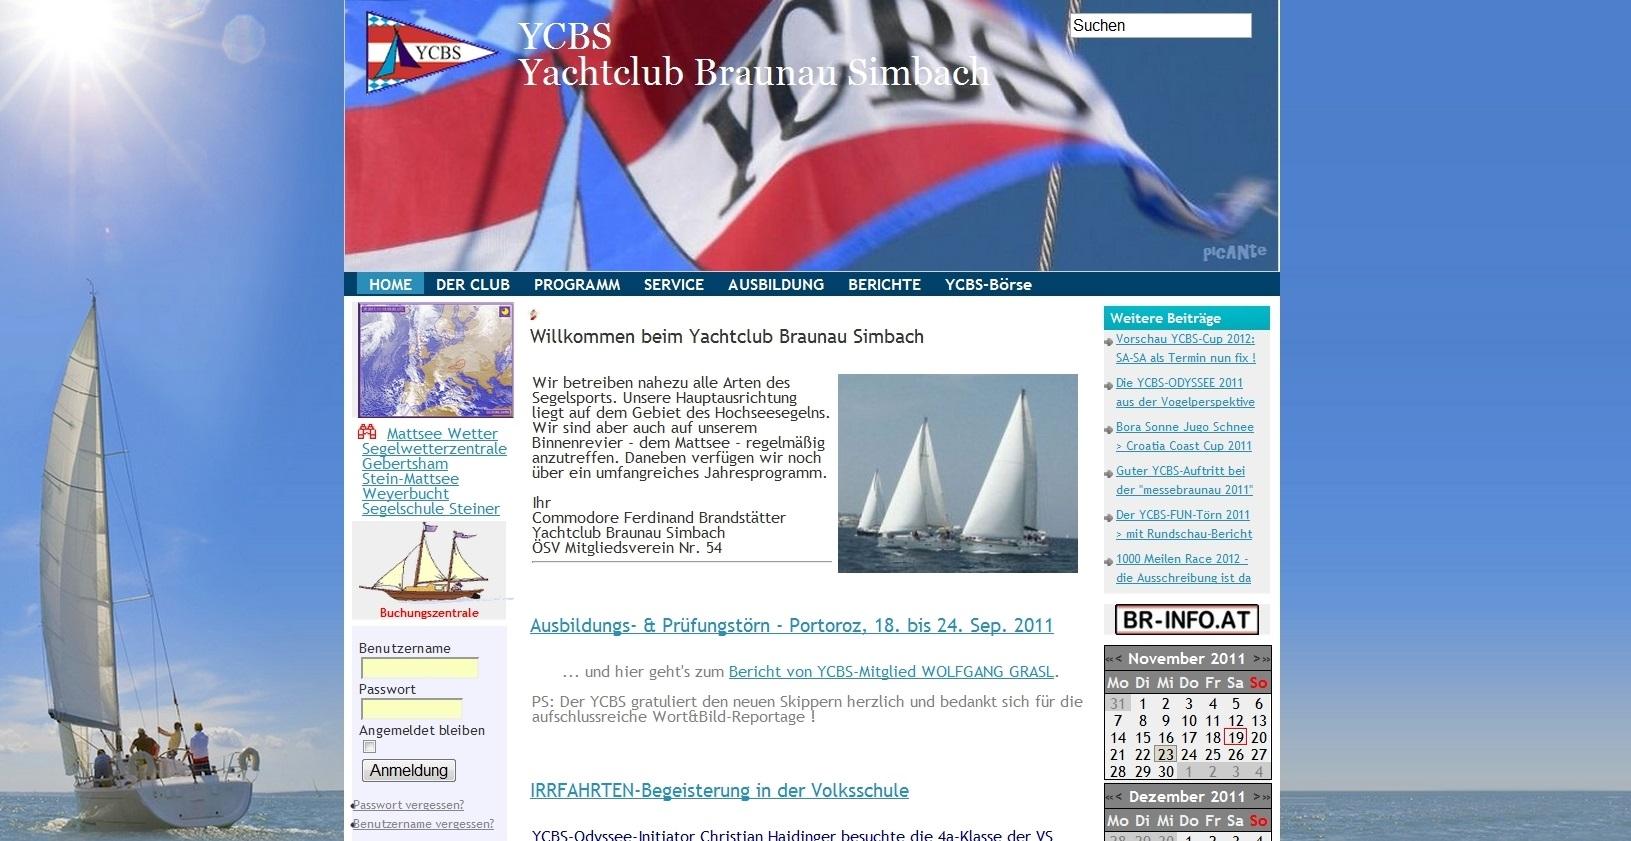 hph19 04 startseite nov 2011